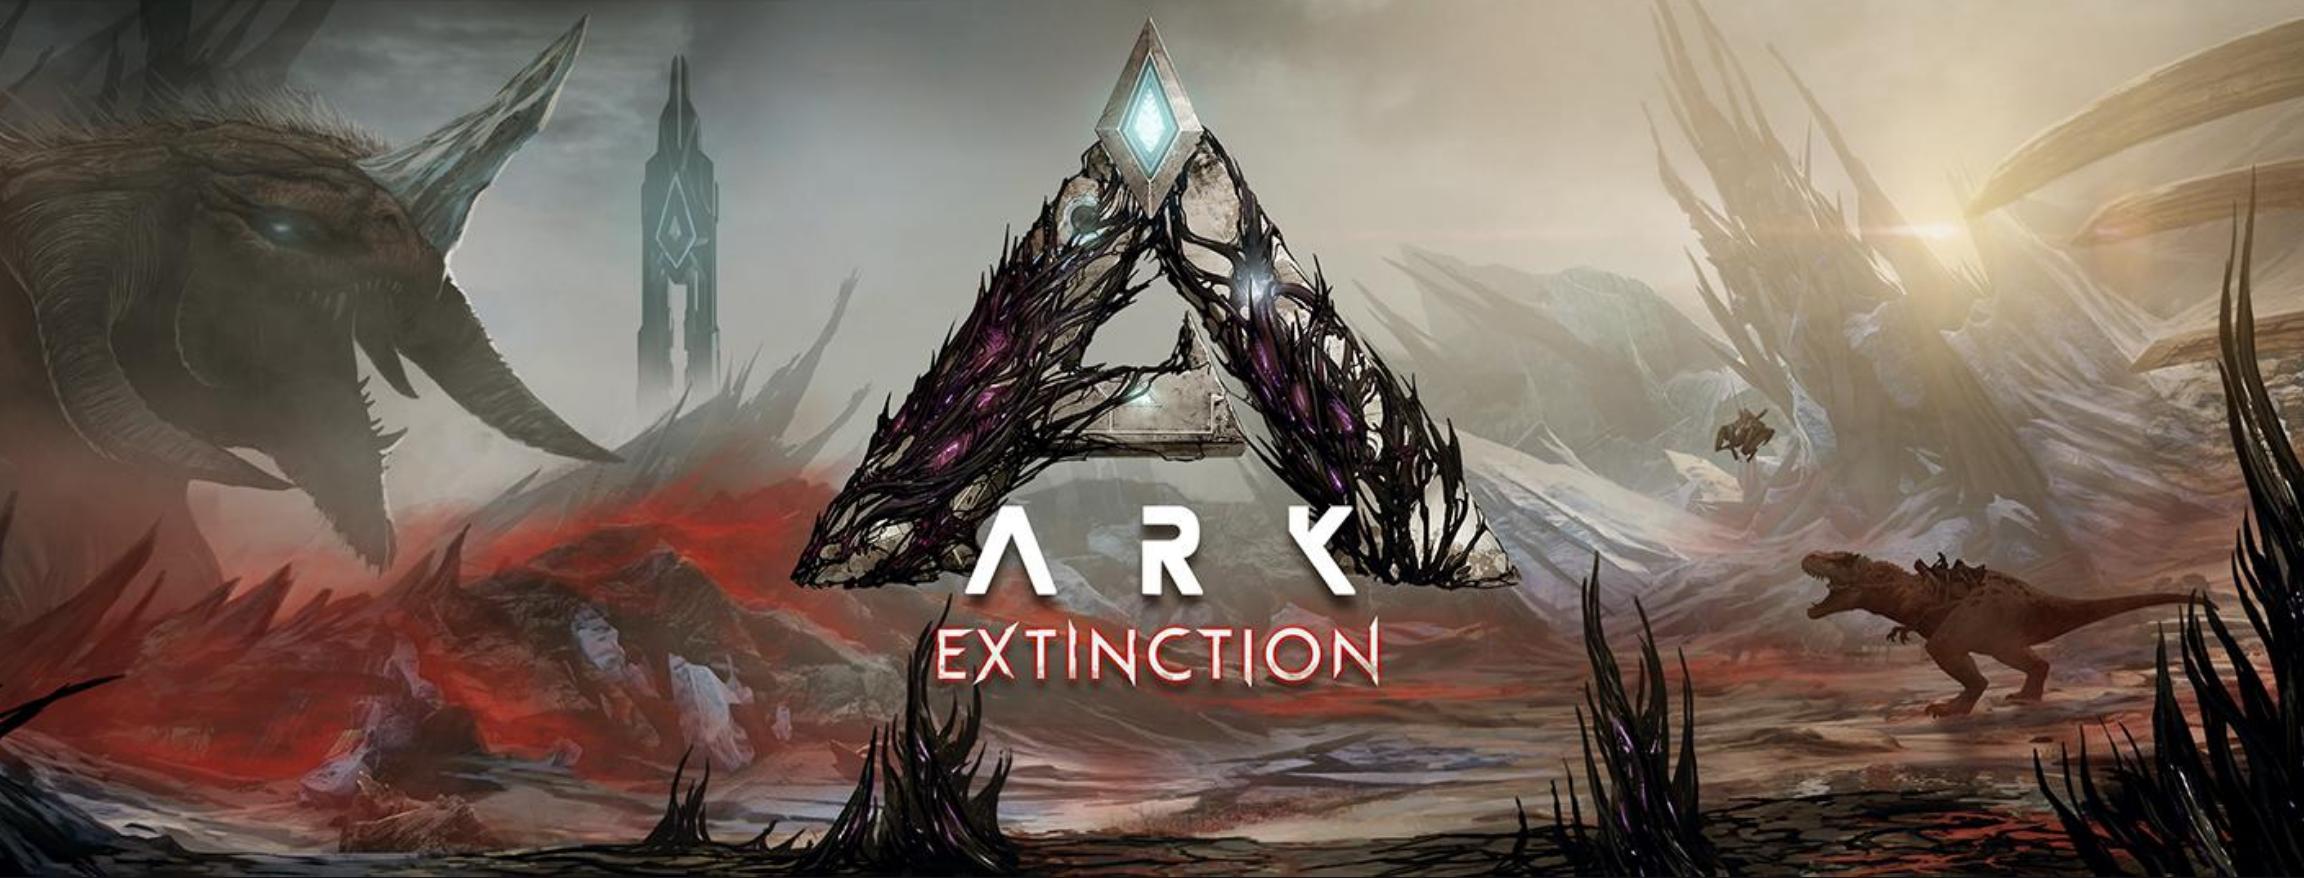 ARK: Extinction! Erscheinungstermin angekündigt – Neue Erweiterung im Herbst!